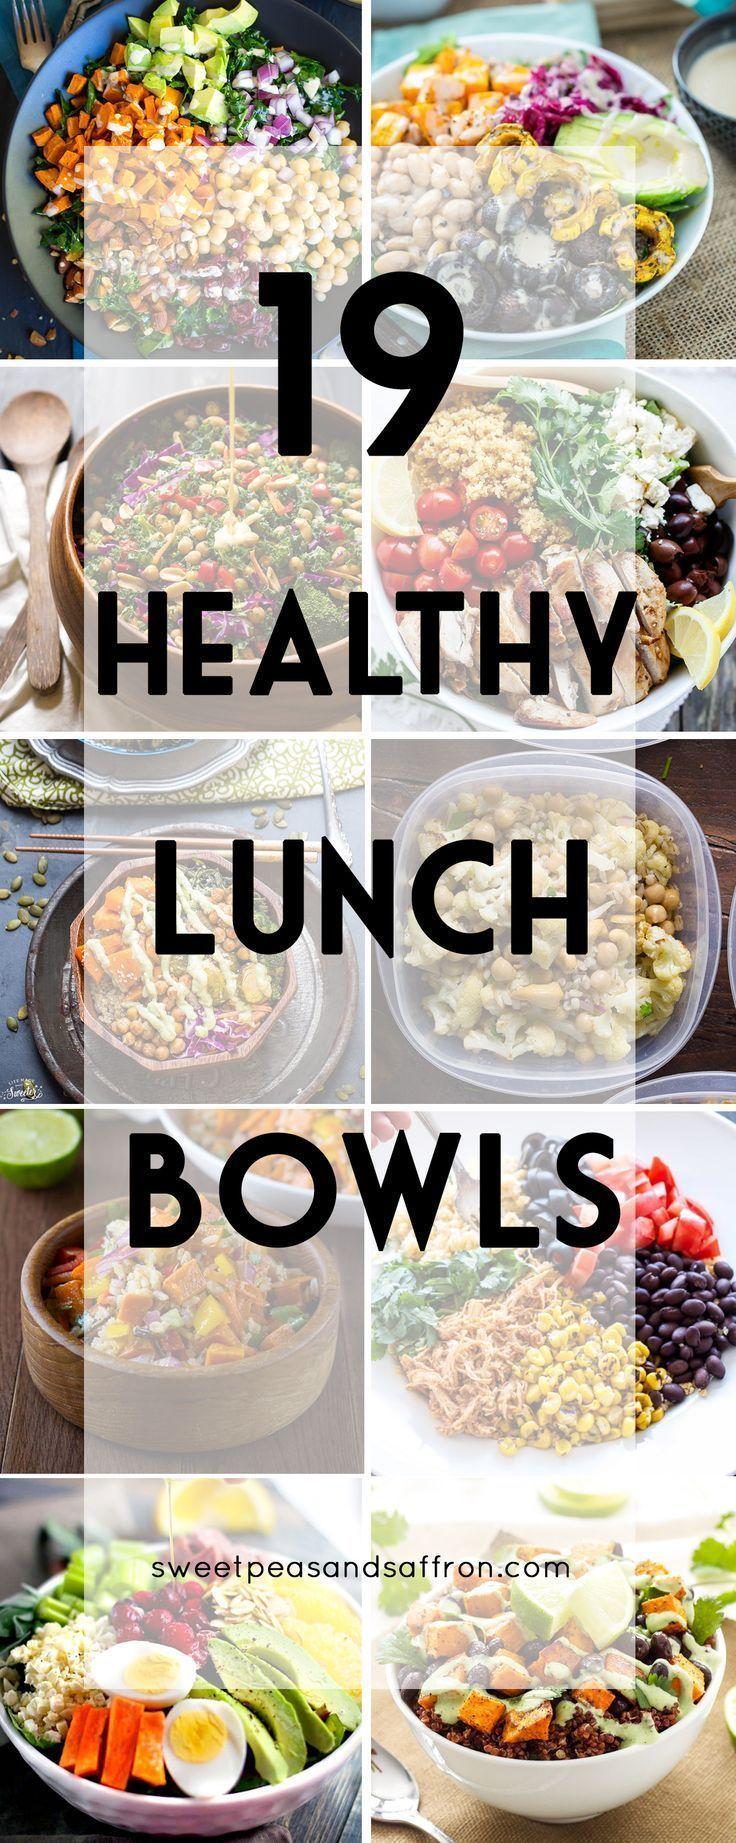 19 gesunde Lunchschalen! Dies sind alles Make-Ahead-Rezepte für das Mittagessen, die perfekt sind …